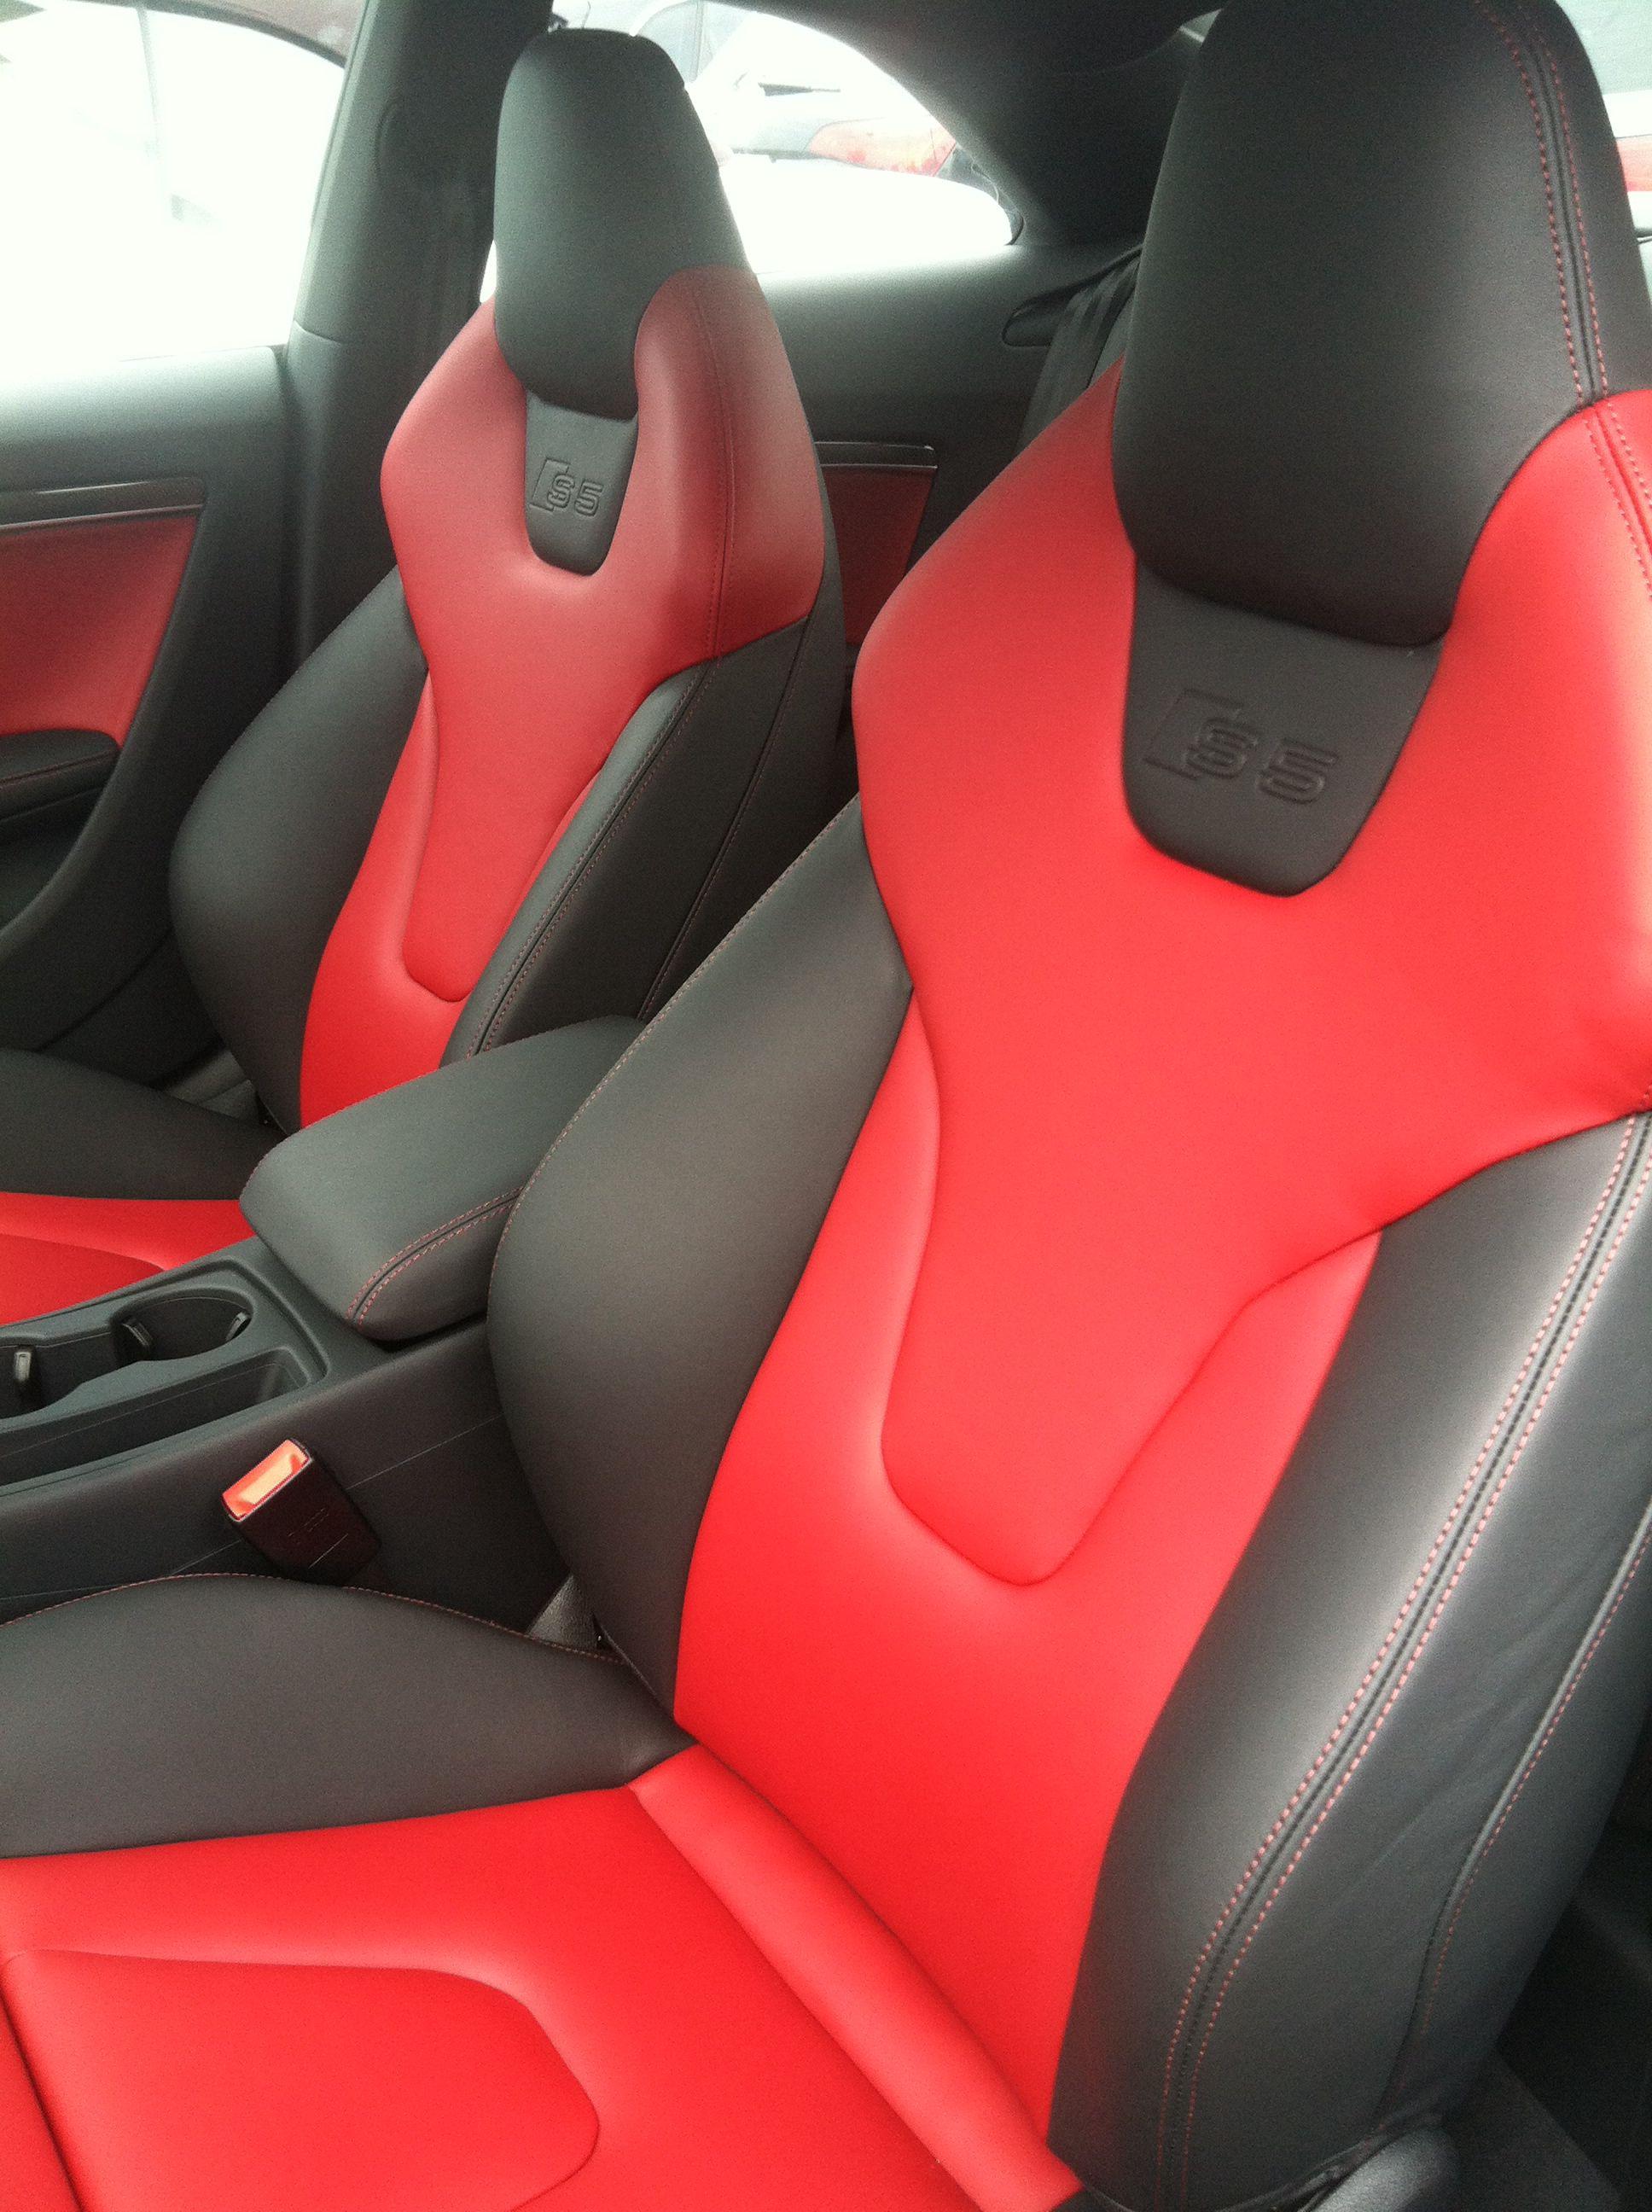 Audi S5 Interior Red Black Audi S5 Audi Audi S5 Sportback